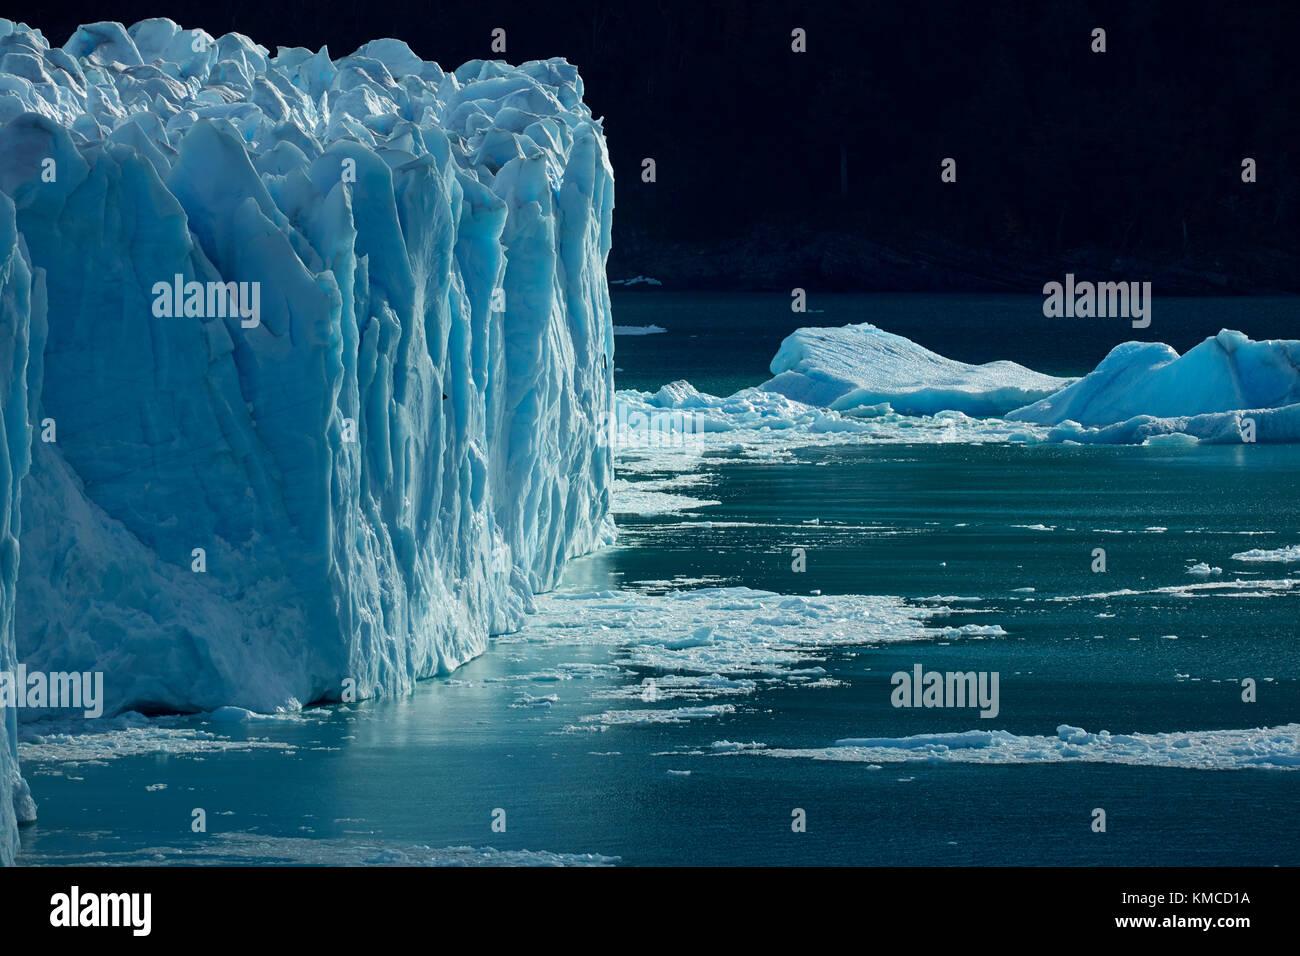 La faccia terminale del ghiacciaio Perito Moreno e lago argentino, Parque Nacional Los Glaciares (area del patrimonio mondiale), Patagonia, Argentina, Sud America Foto Stock